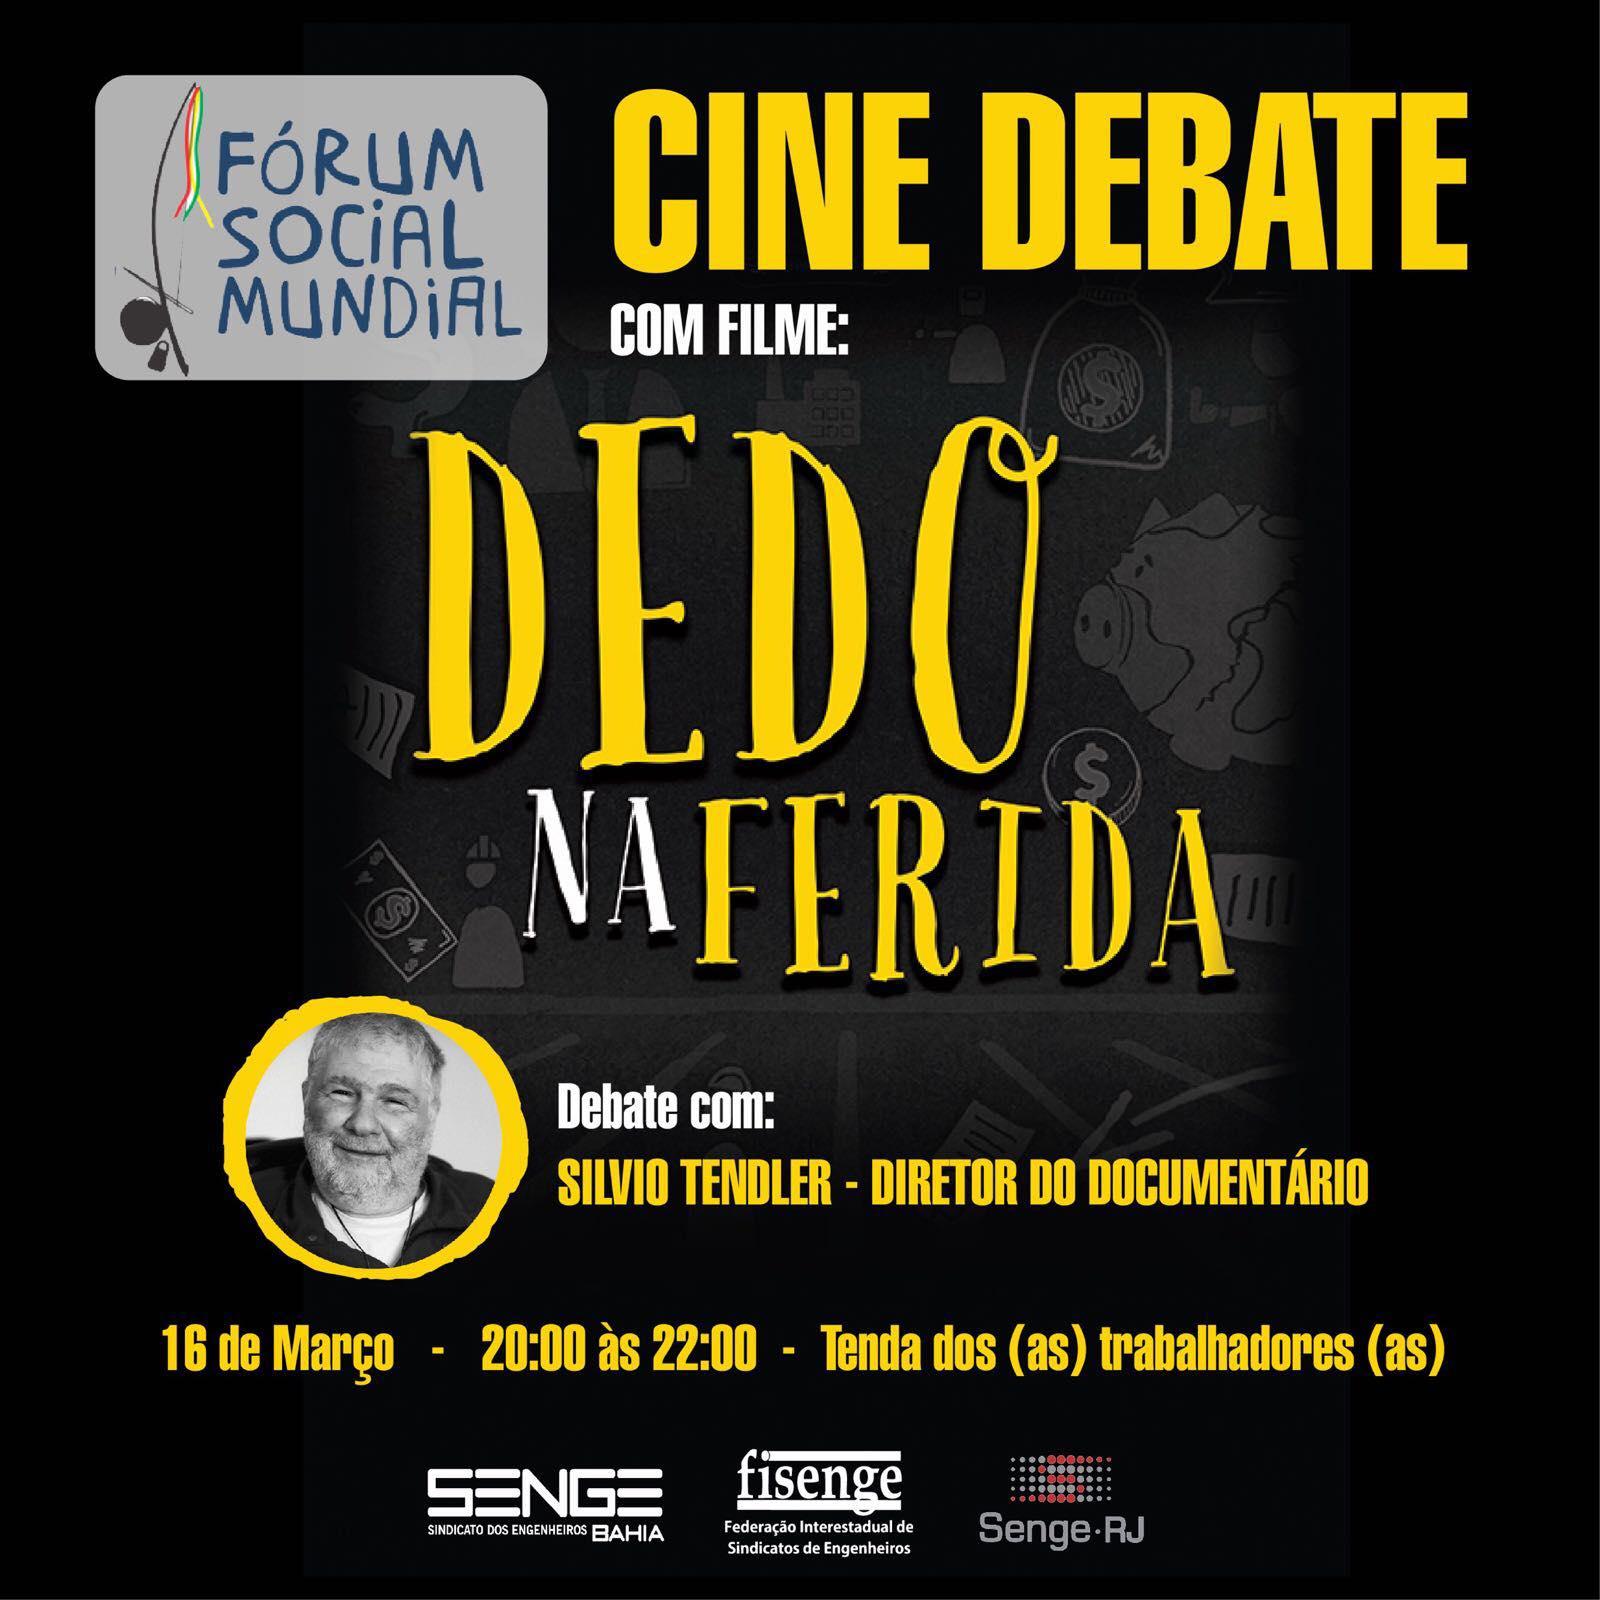 """Filme """"Dedo na Ferida"""" será exibido no Fórum Social Mundial"""